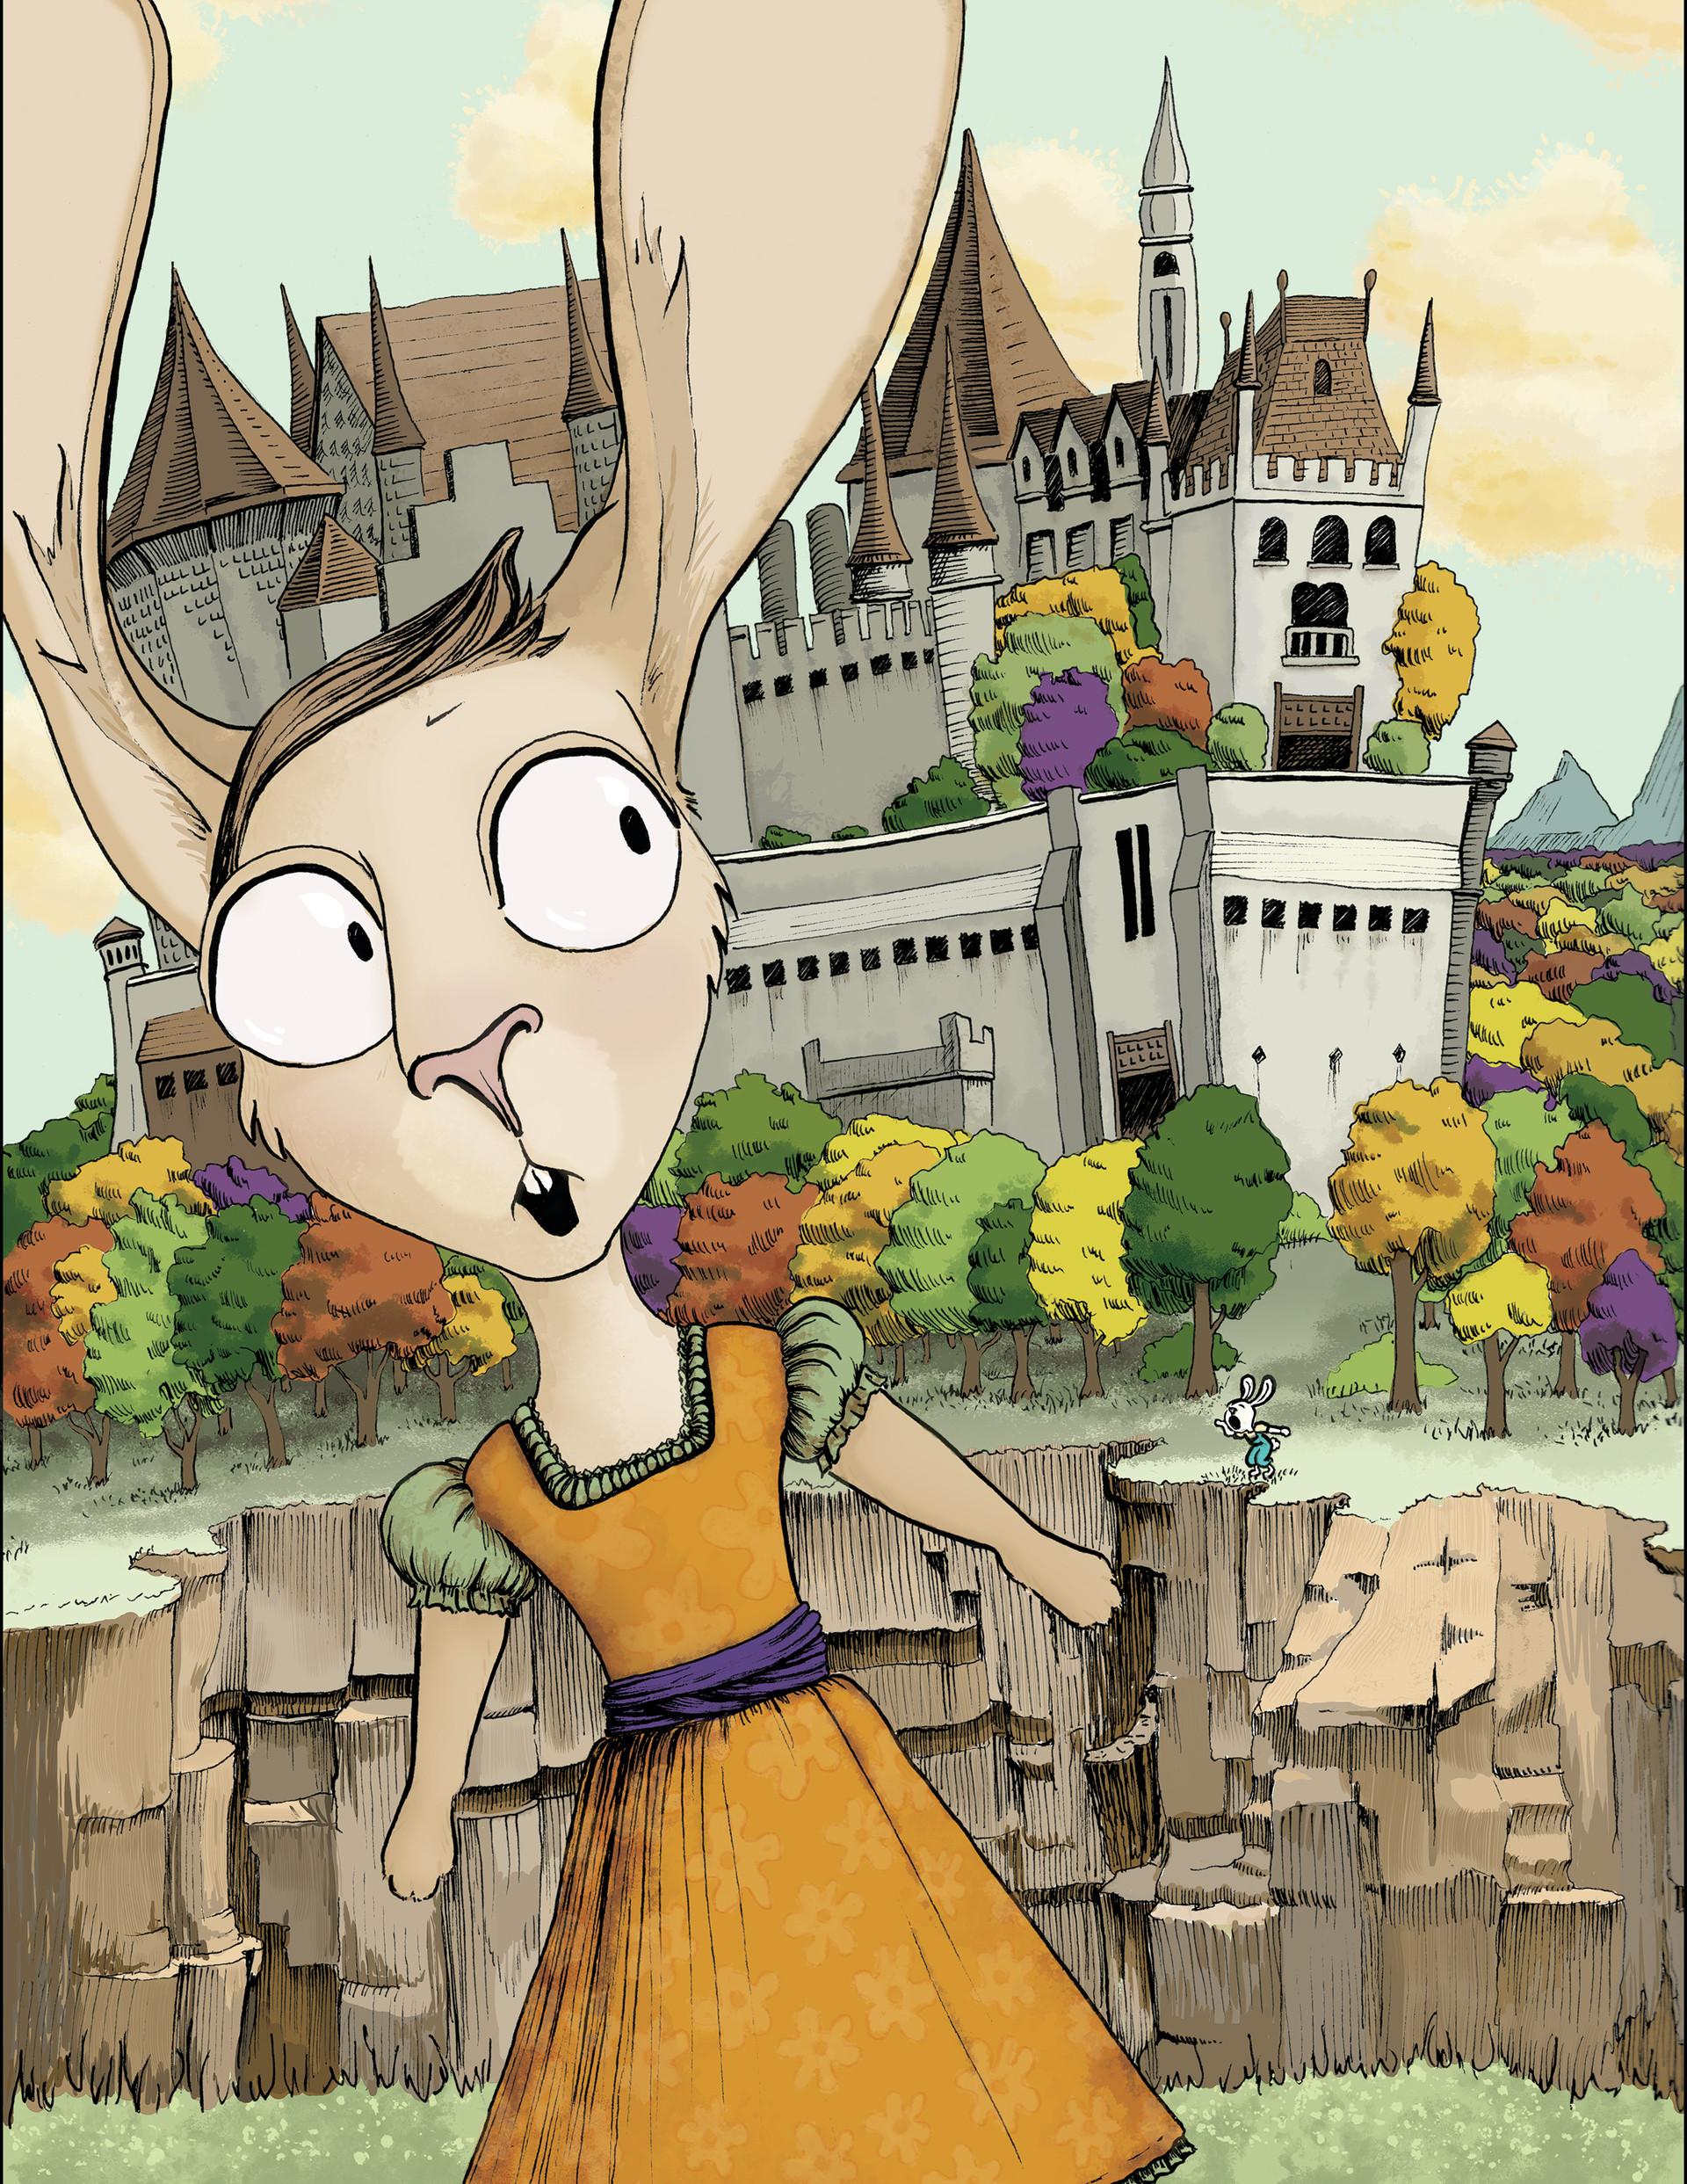 The Knight Bunny